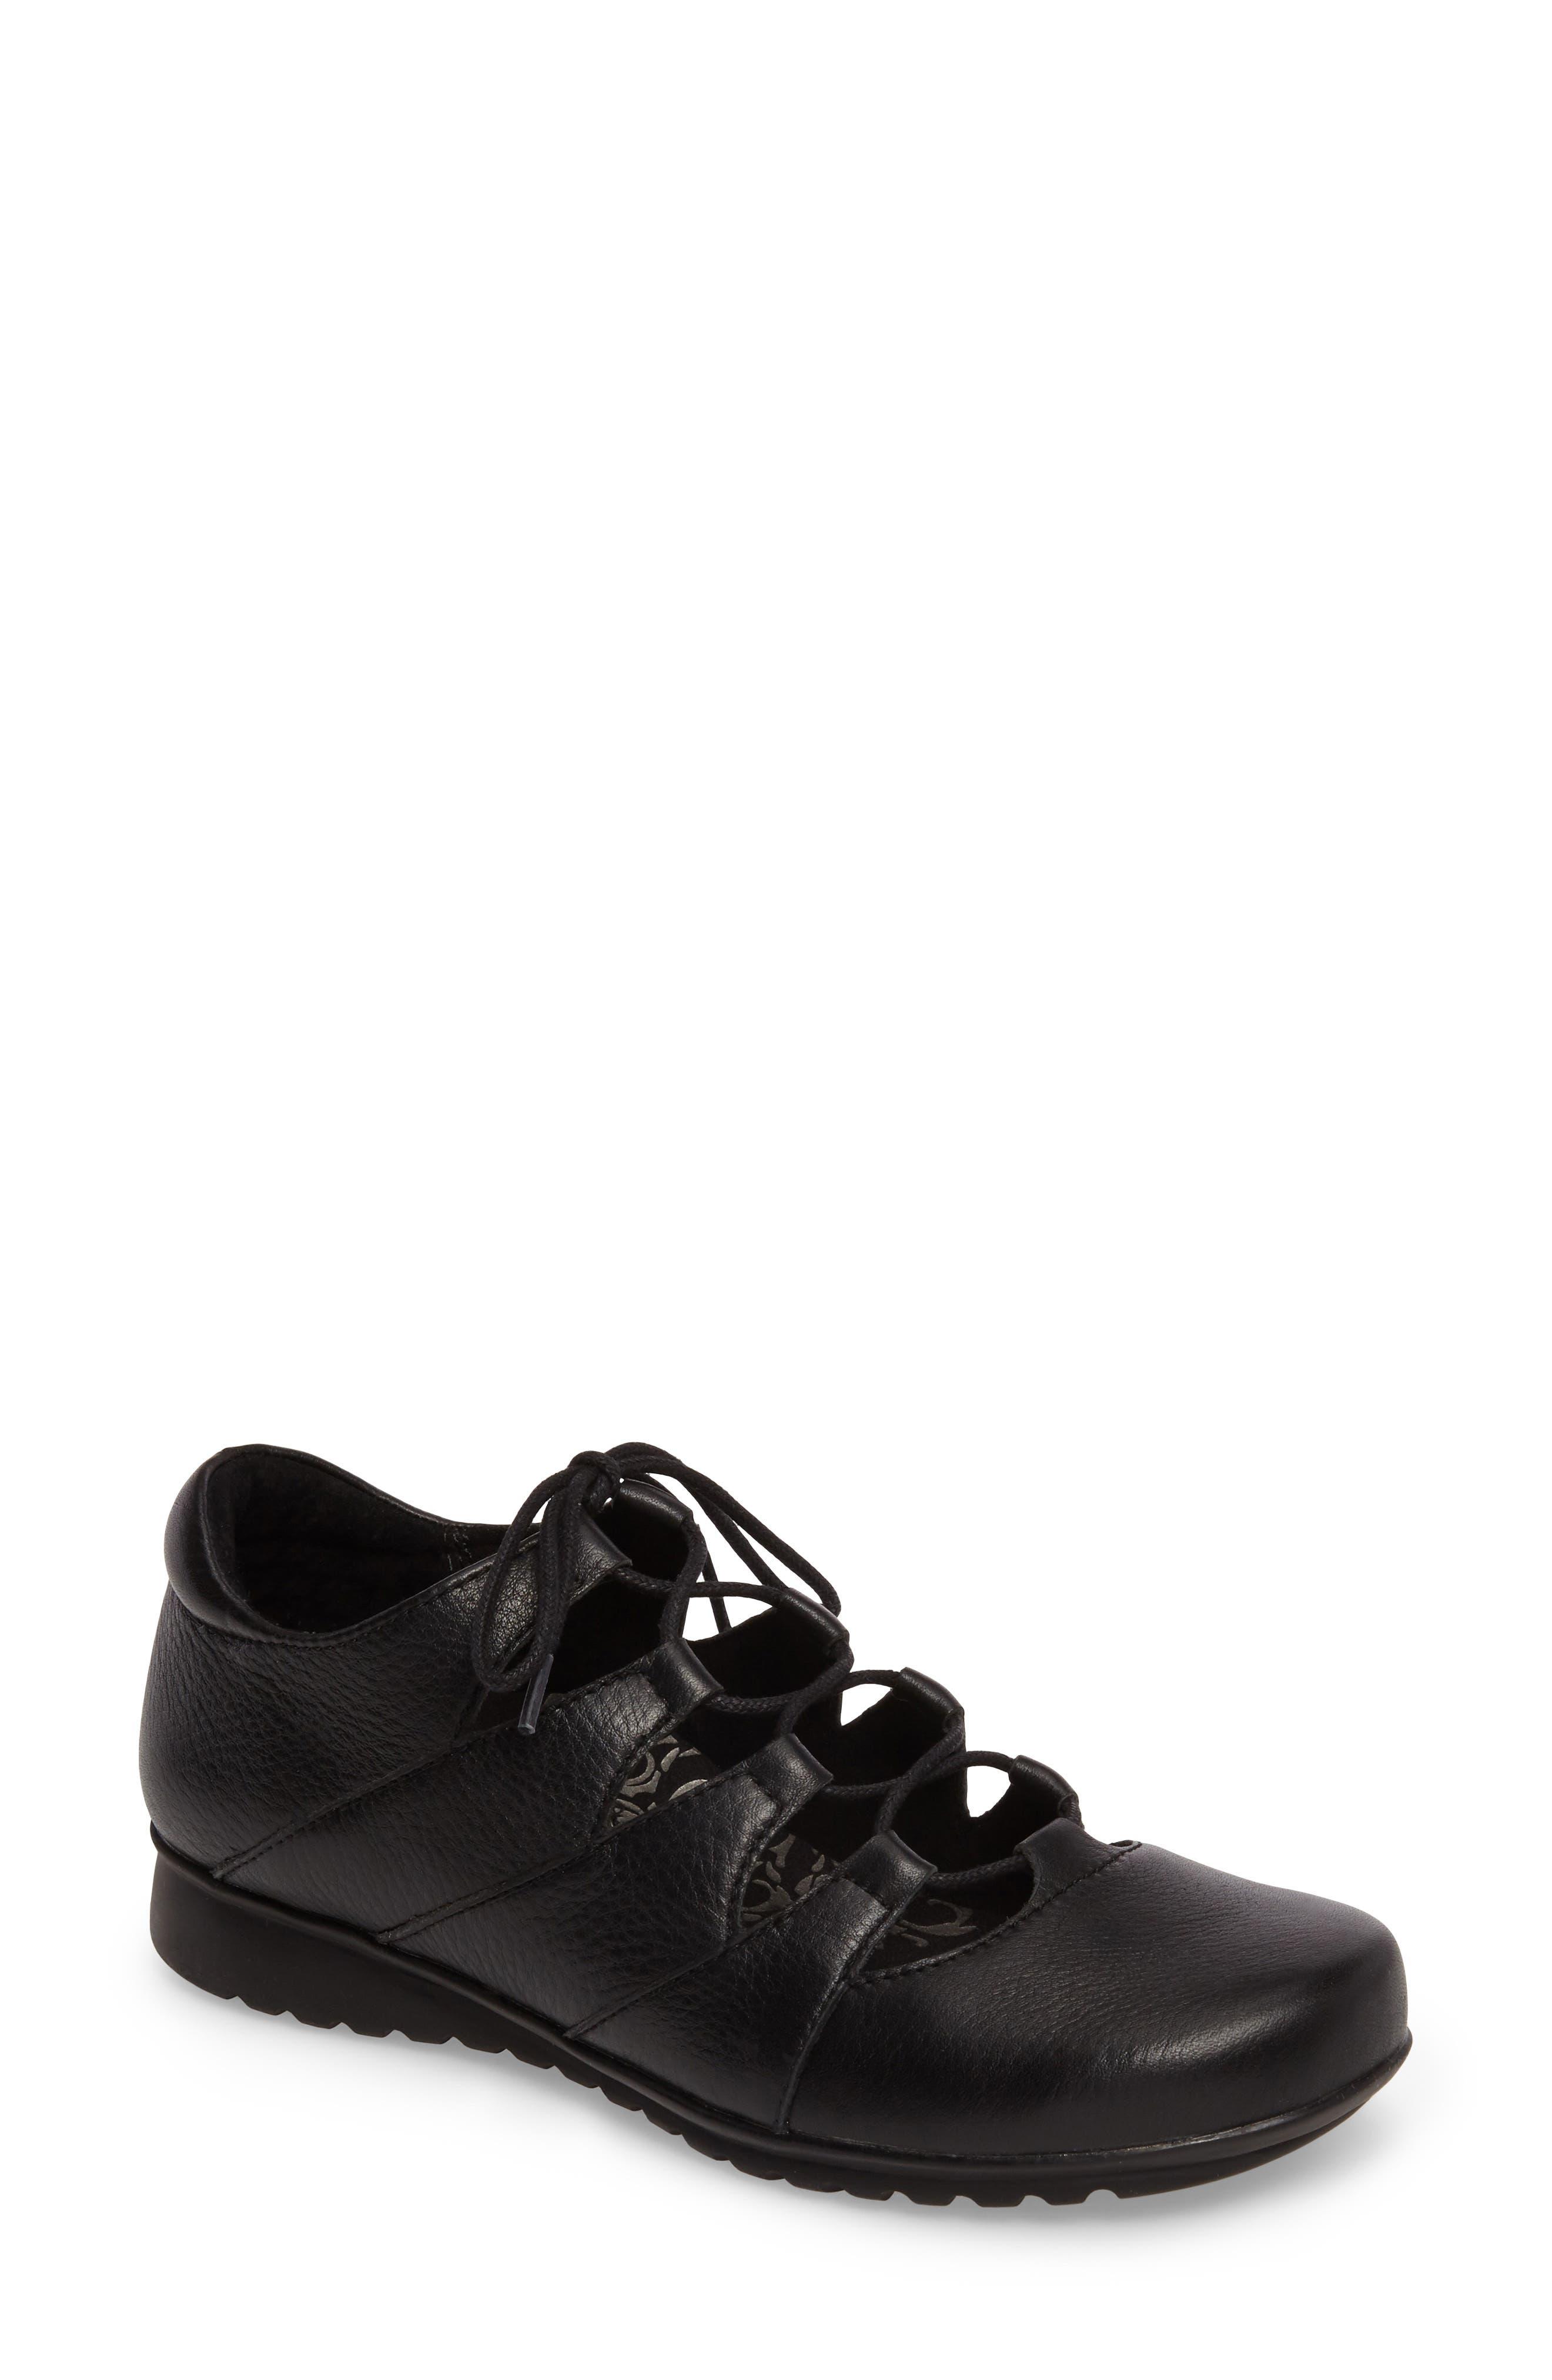 Aetrex Sienna Cutout Sneaker, Black